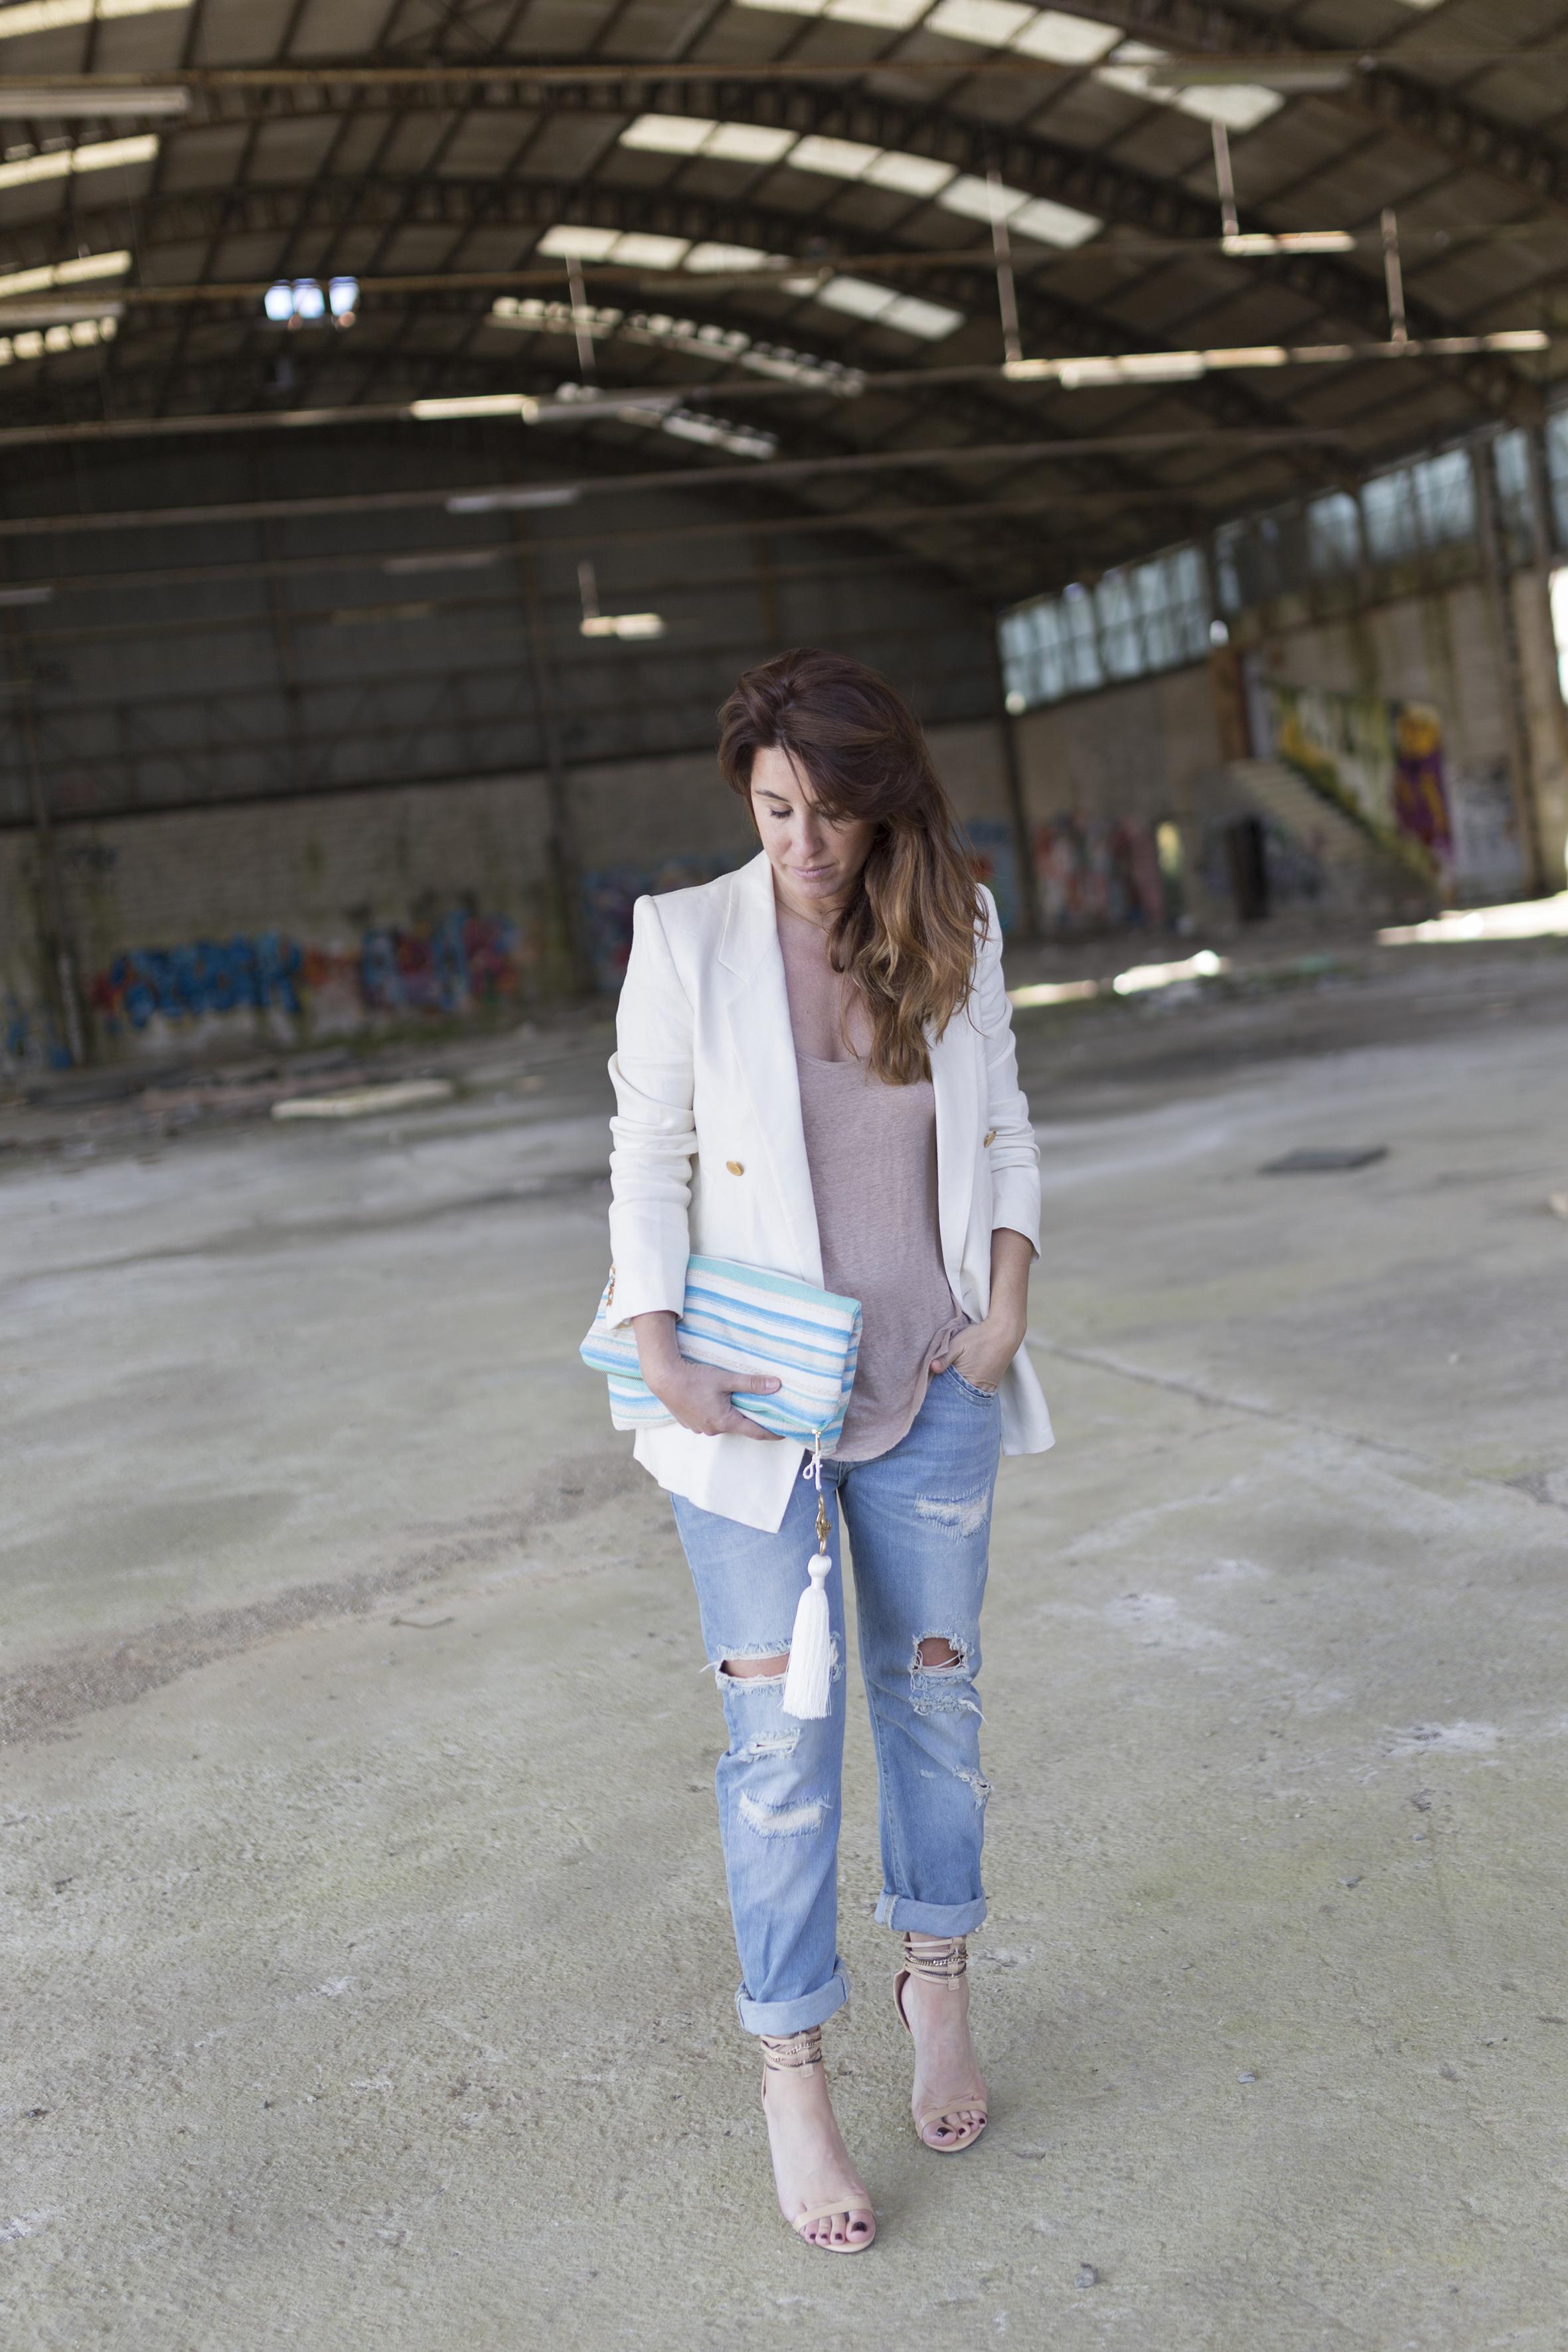 denia priegue-stylelovely-galicia-bag- descalzaporelparque- blogger- fashion- tienda oline-Grandes esperanzas - bolso - libro - look - lo en las nubes- style